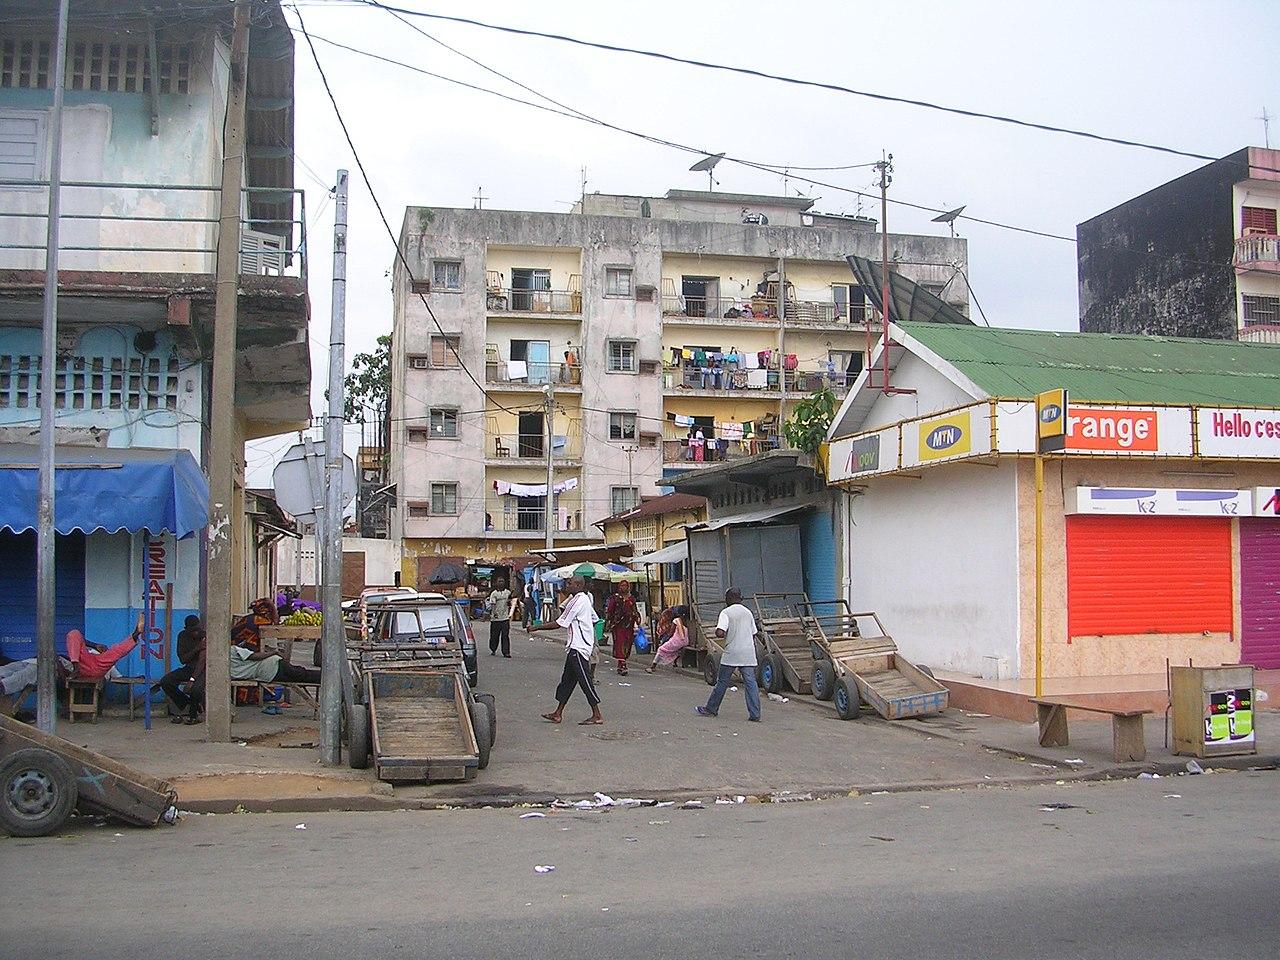 Abidjan dating